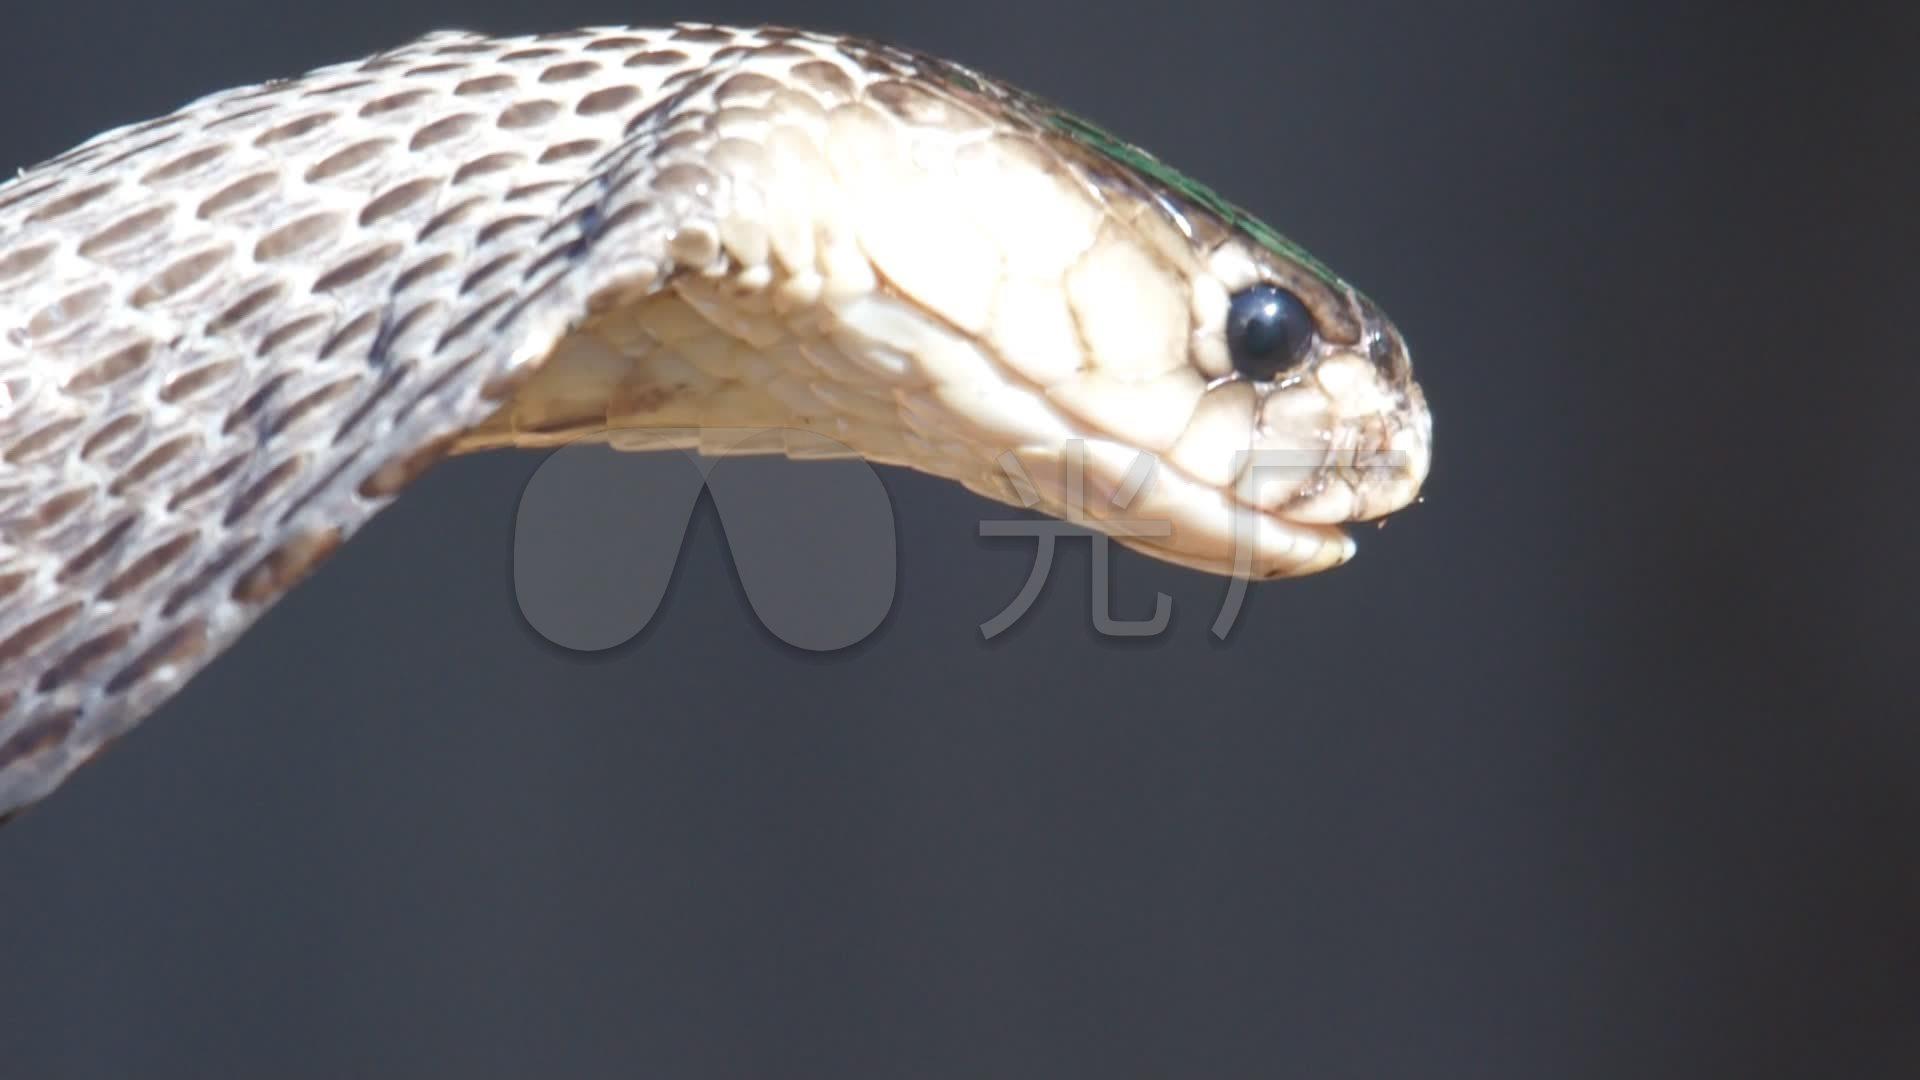 眼镜蛇吐舌头高清实拍_1920x1080_高清视频素材下载